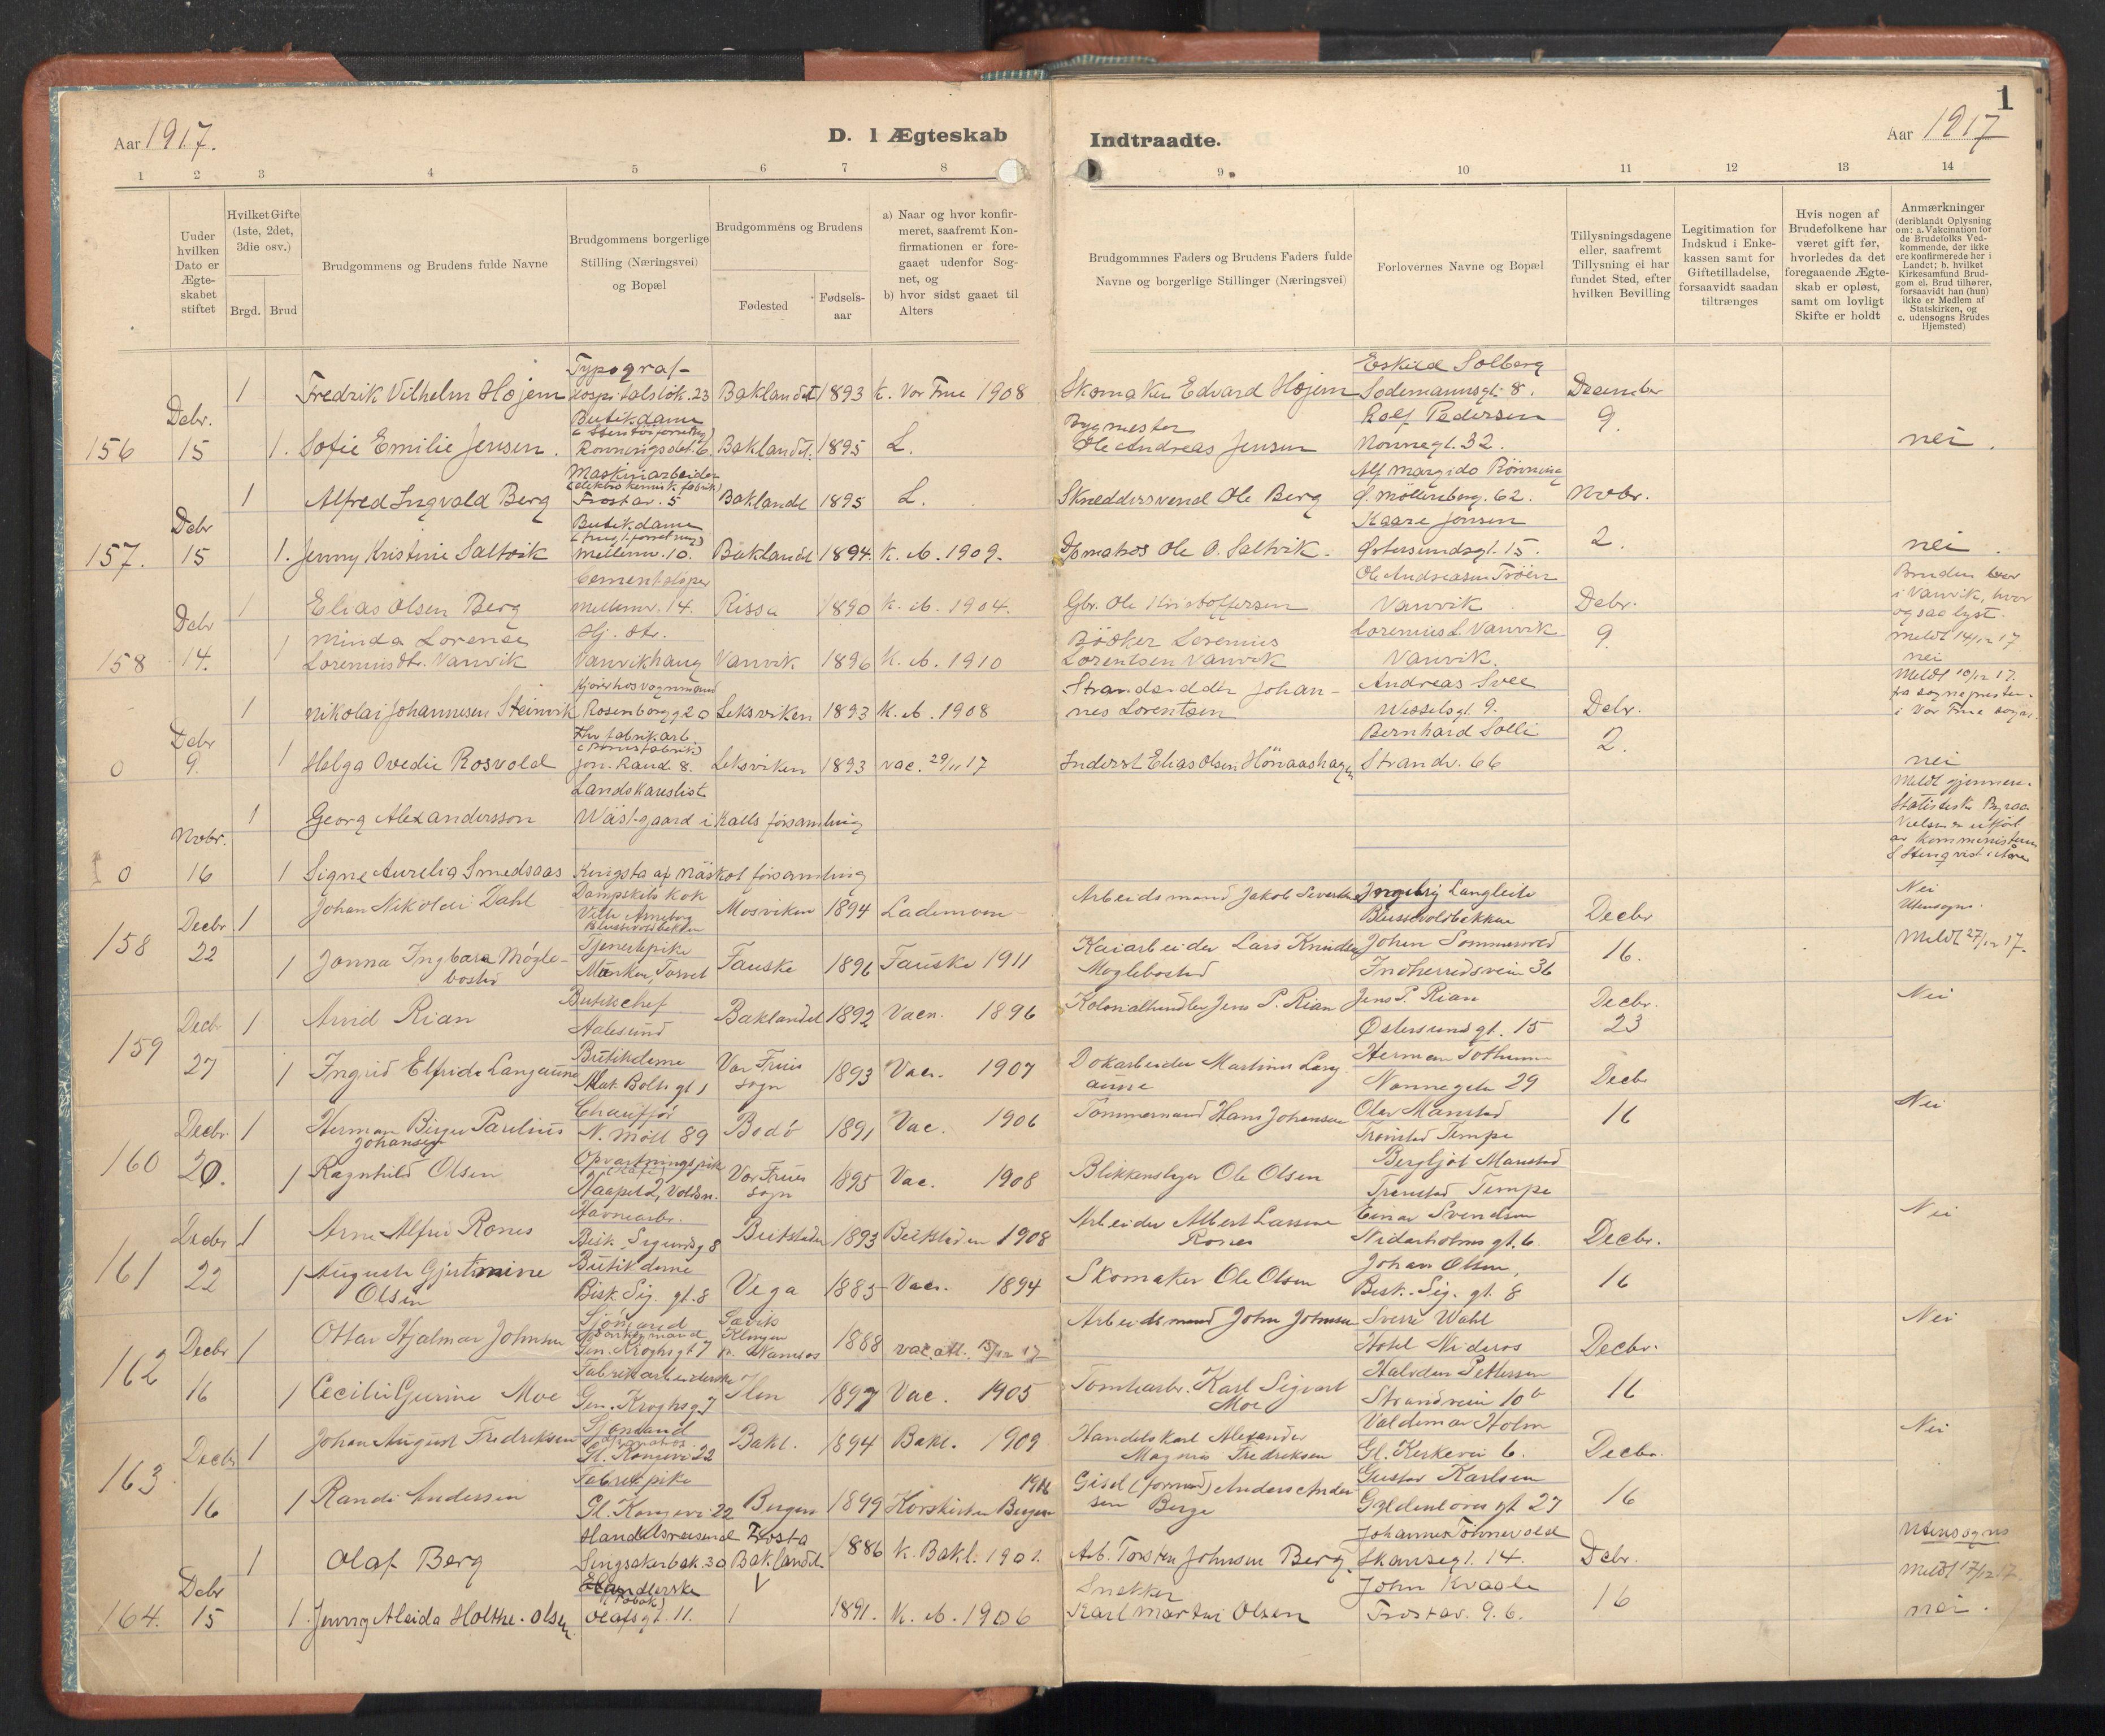 SAT, Ministerialprotokoller, klokkerbøker og fødselsregistre - Sør-Trøndelag, 605/L0245: Ministerialbok nr. 605A07, 1916-1938, s. 1